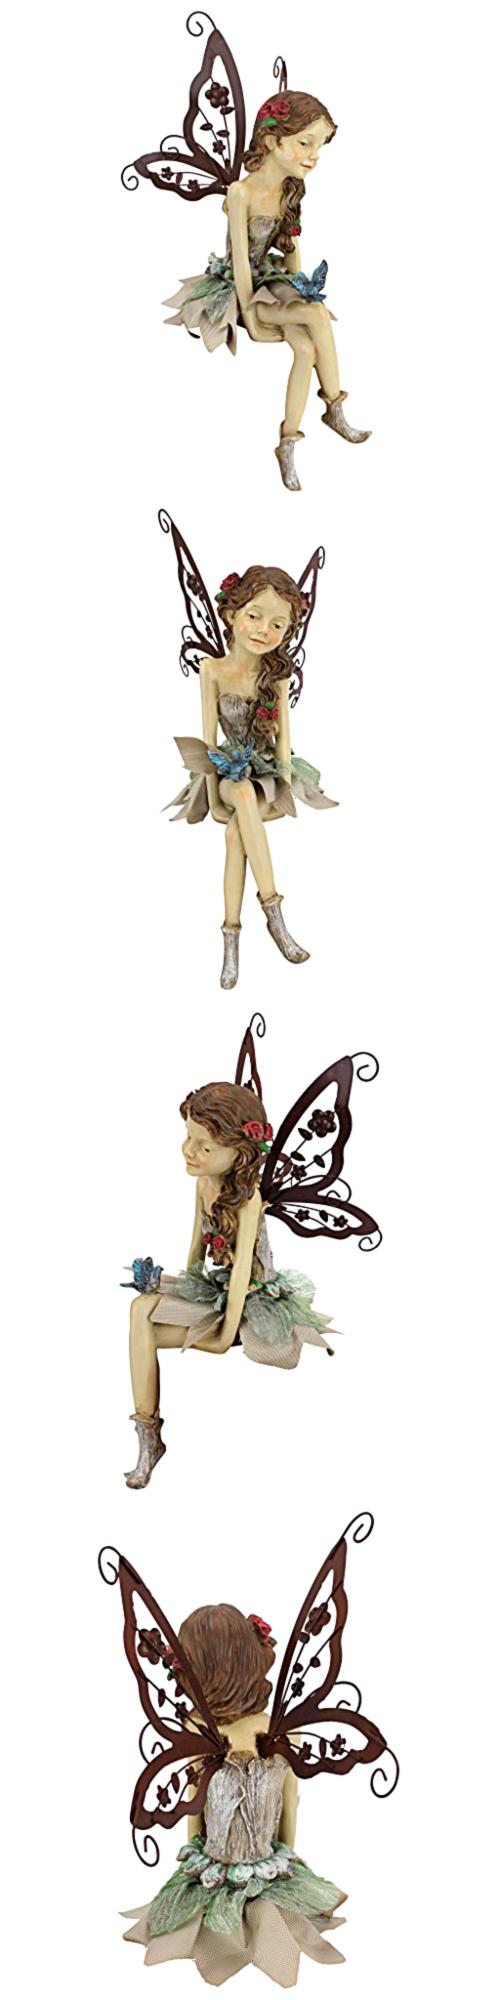 Fairy lawn ornaments - Statues And Lawn Ornaments 29511 Figurine Design Toscano The Fairy Sitting Statue Fannie Garden Decorative